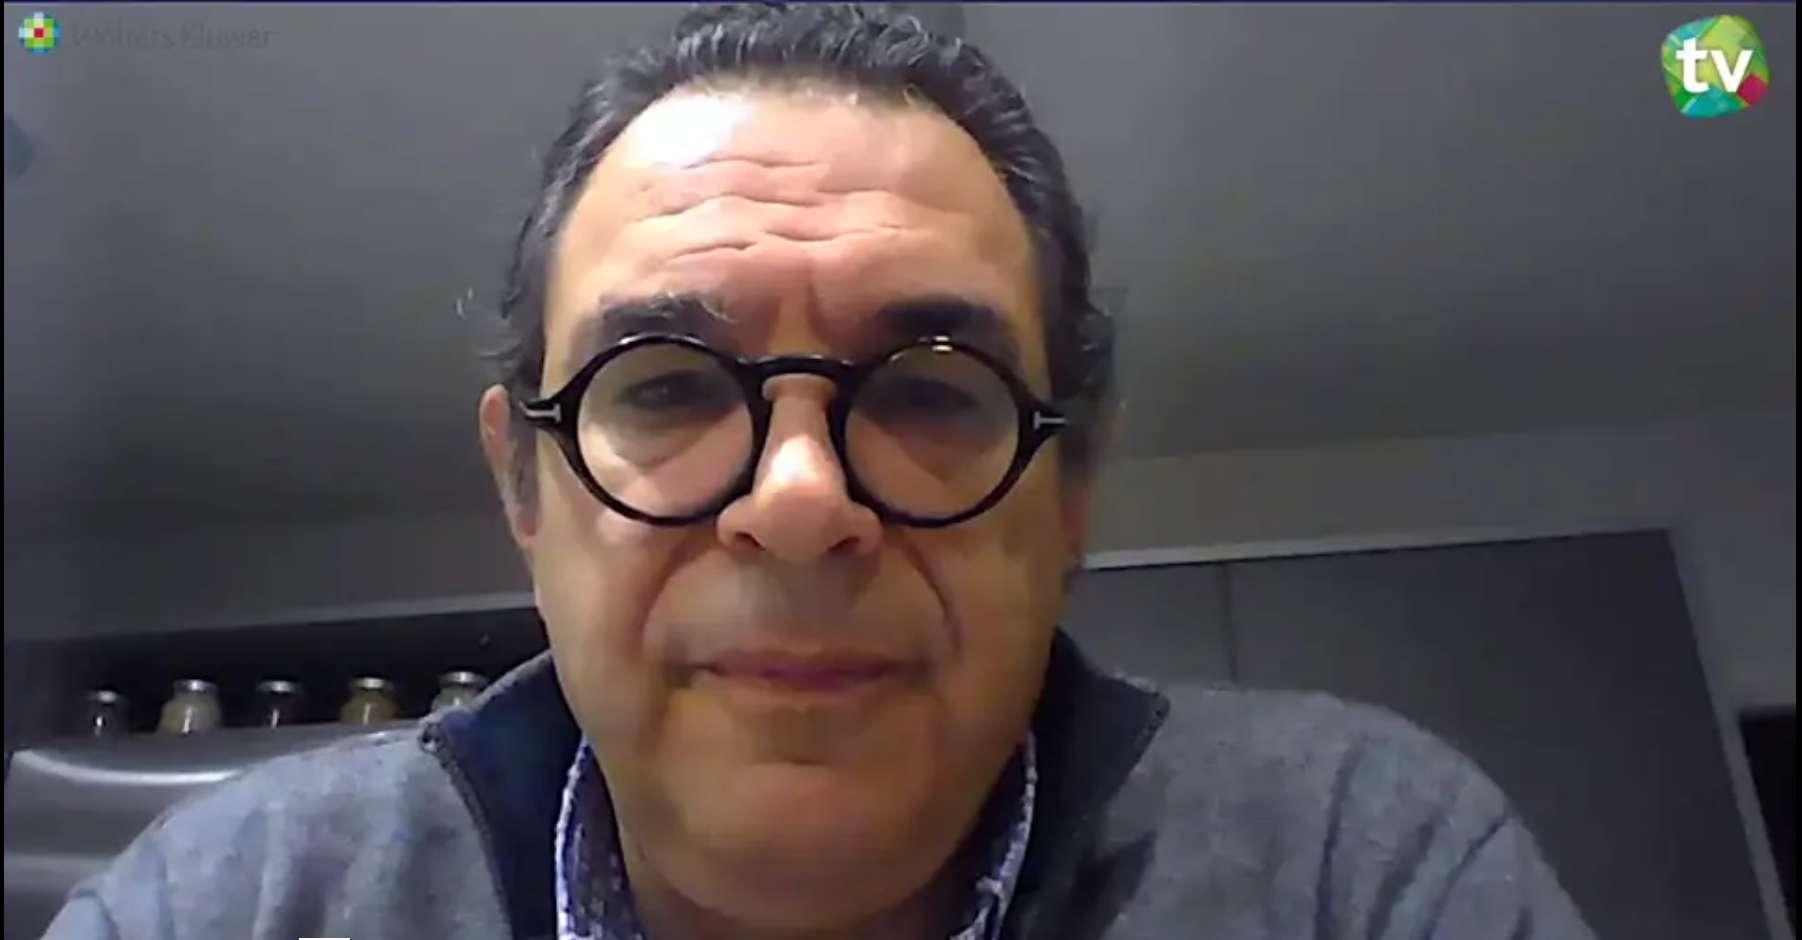 Guillermo García, Socio en Cuatrecasas y Profesor de la Universitat Pompeu Fabra